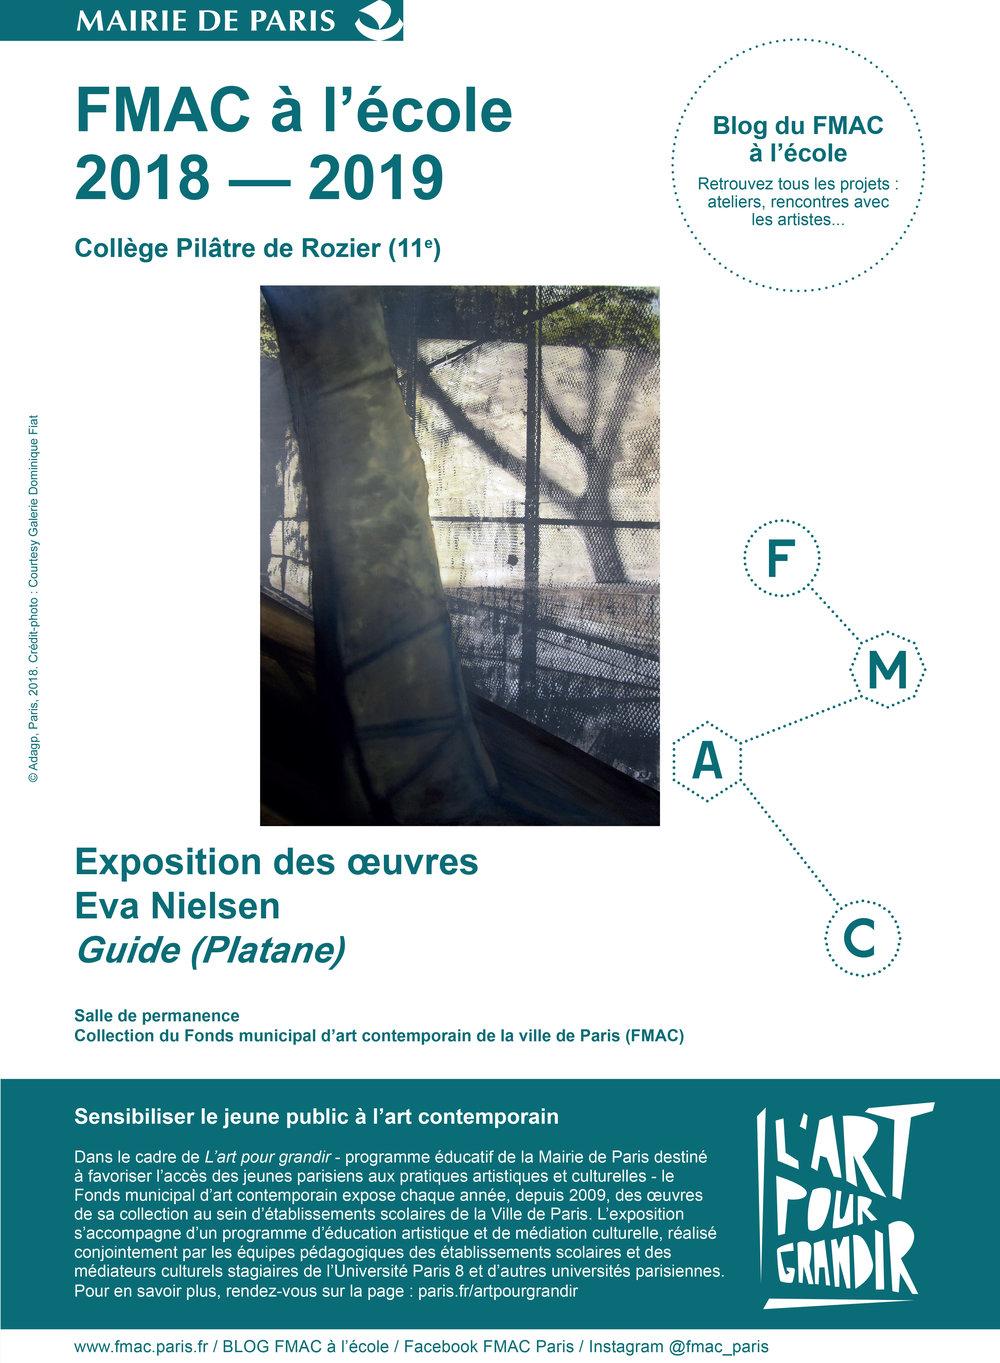 Affichette ter_signaletique_A3_ 1 exemplaire-4.jpg